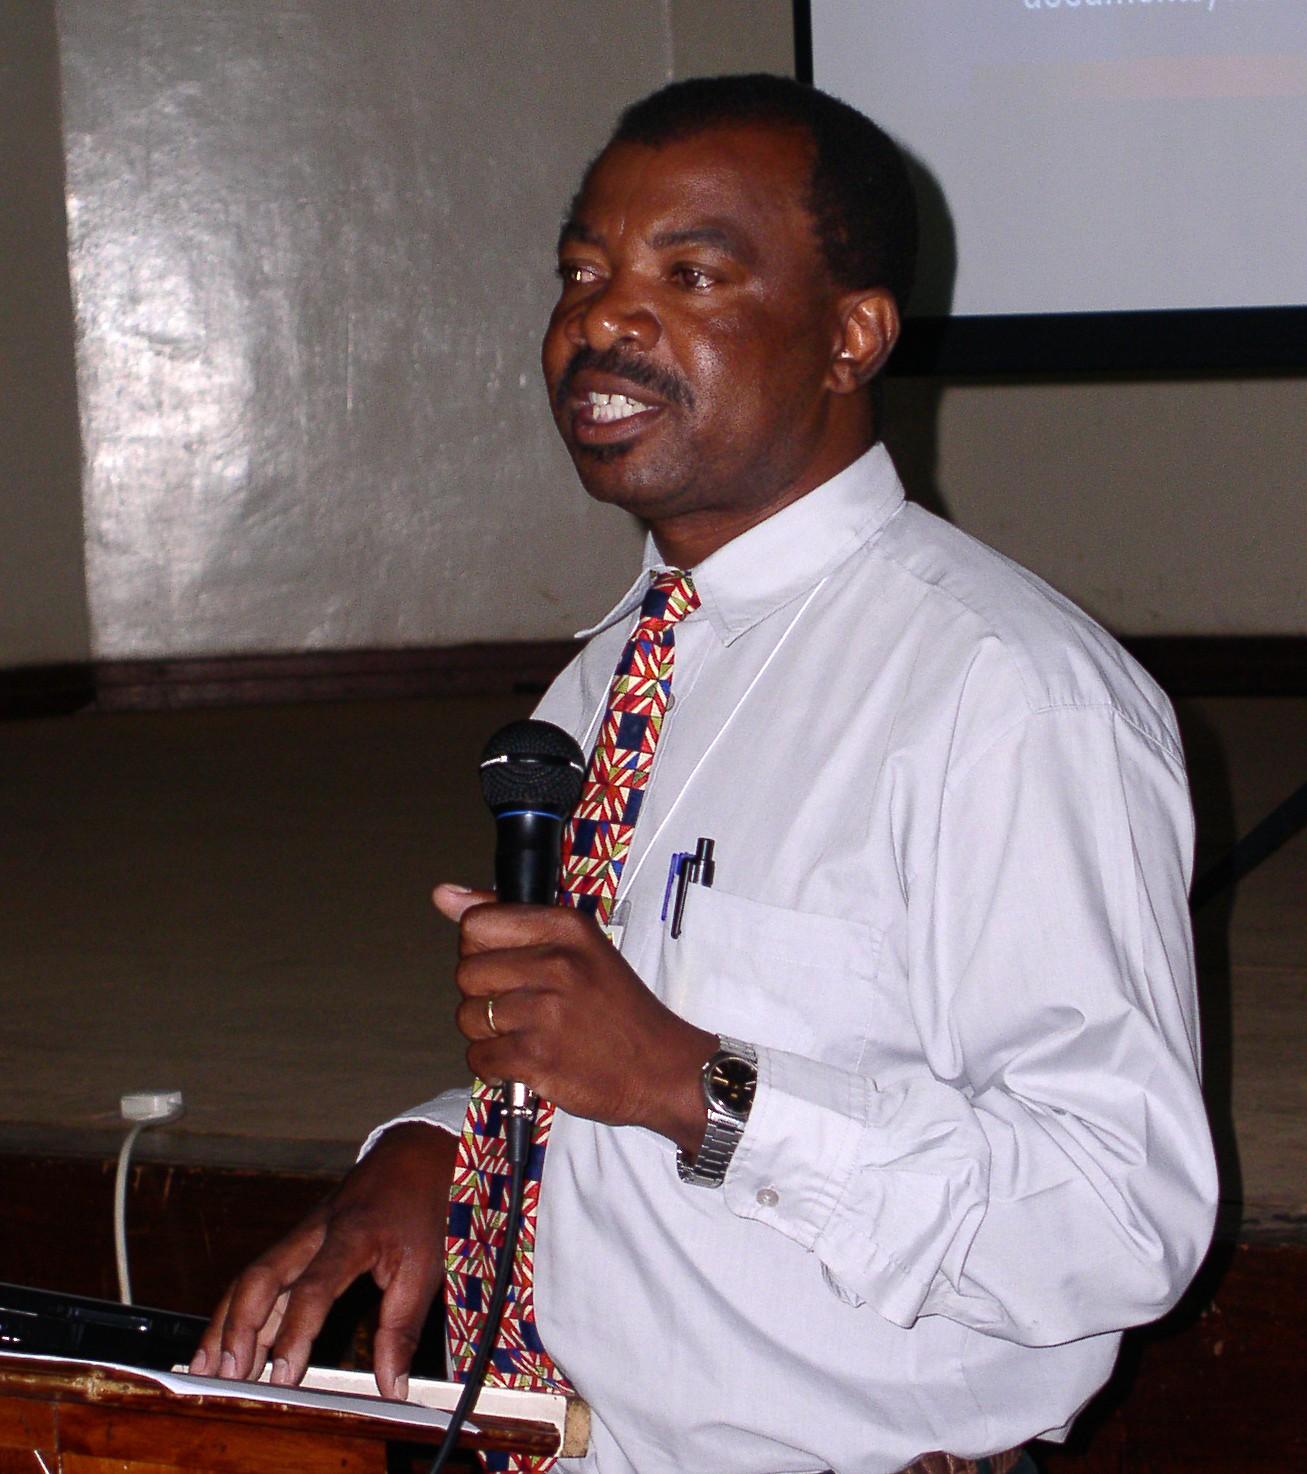 Norman Mhazo